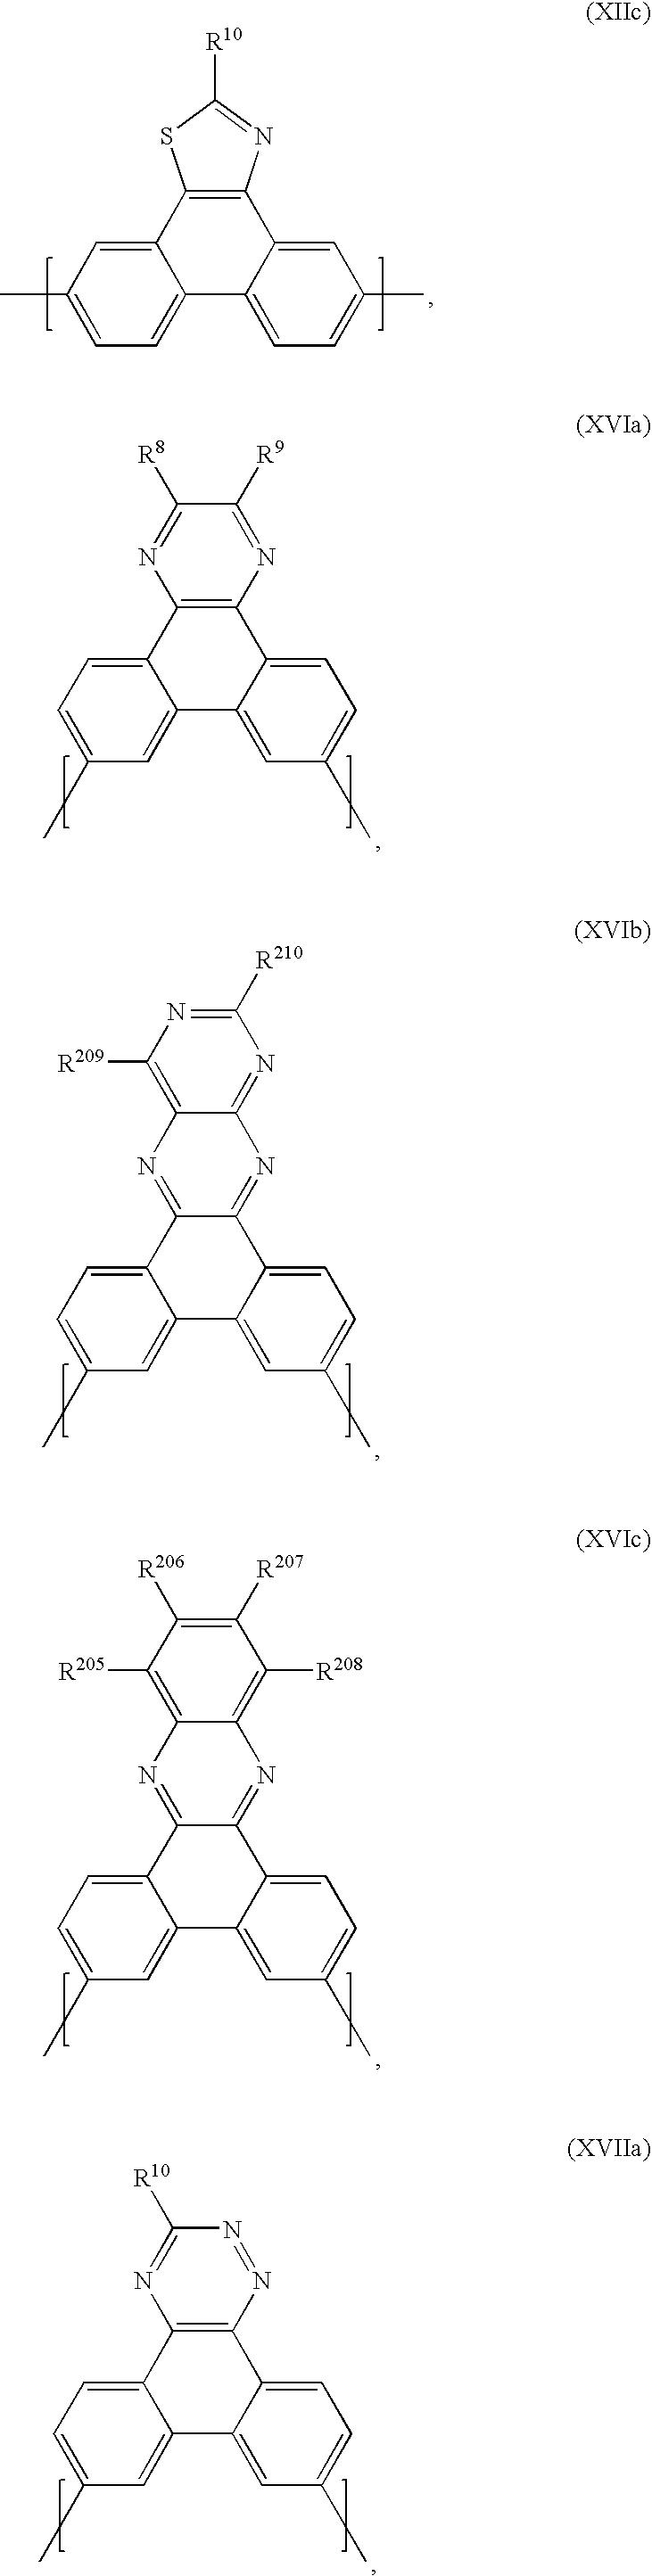 Figure US20090105447A1-20090423-C00033